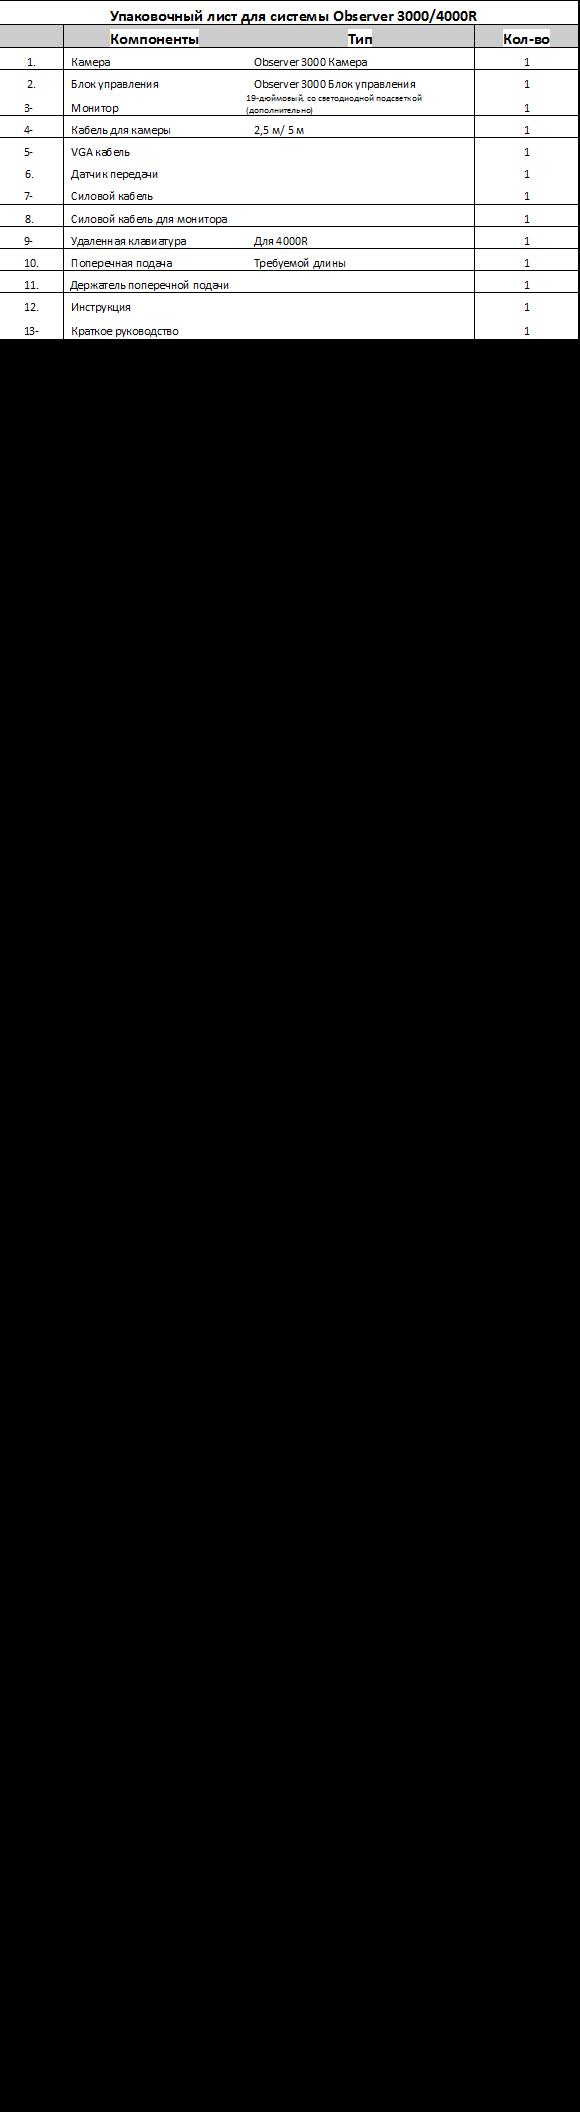 Упаковочный лист для системы Observer 3000/4000R КомпонентыТипКол-во1.КамераObserver 3000 Камера12.Блок управленияObserver 3000 Блок управления1 3-Монитор19-дюймовый, со светодиодной подсветкой (дополнительно)1 4-Кабель для камеры2,5 м/ 5 м1 5-VGA кабель1 6.Датчик передачи1 7-Силовой кабель1 8.Силовой кабель для монитора1 9-Удаленная клавиатураДля 4000R110.Поперечная подачаТребуемой длины111. Держатель поперечной подачи112.Инструкция1 13-Краткое руководство1